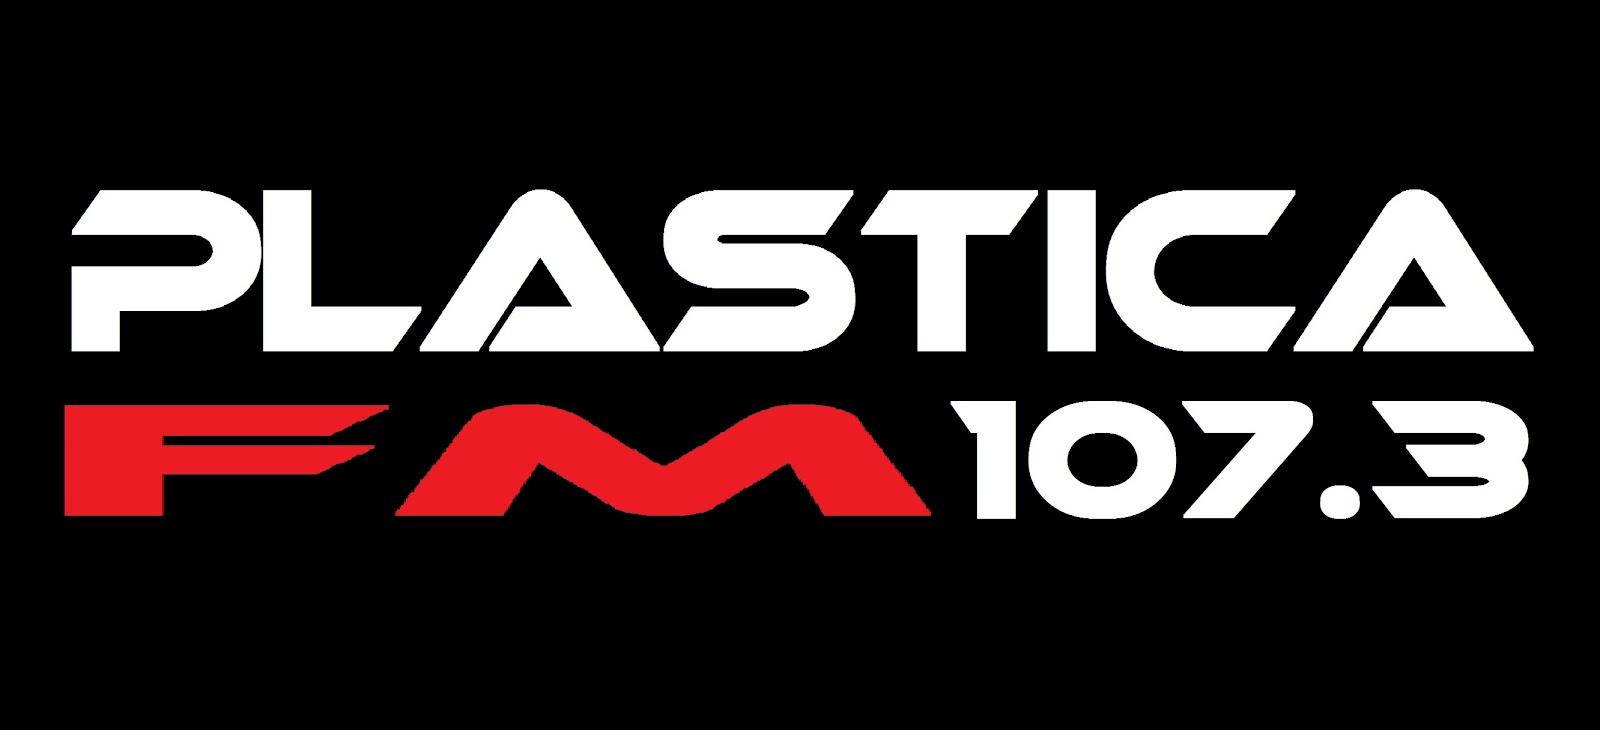 PLASTICA FM 107.3 FM